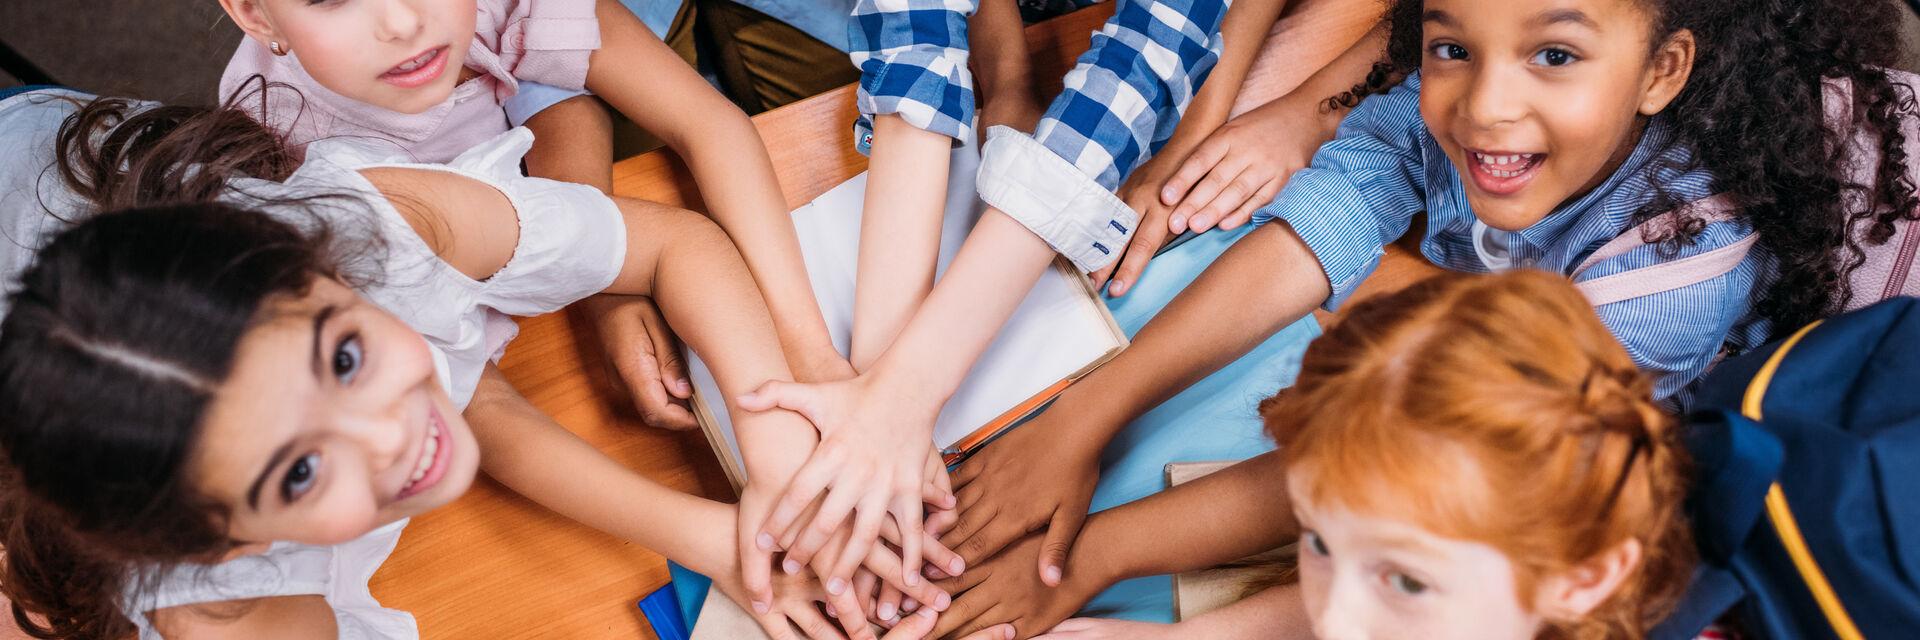 Kinder aus multikulturellem Hintergrund